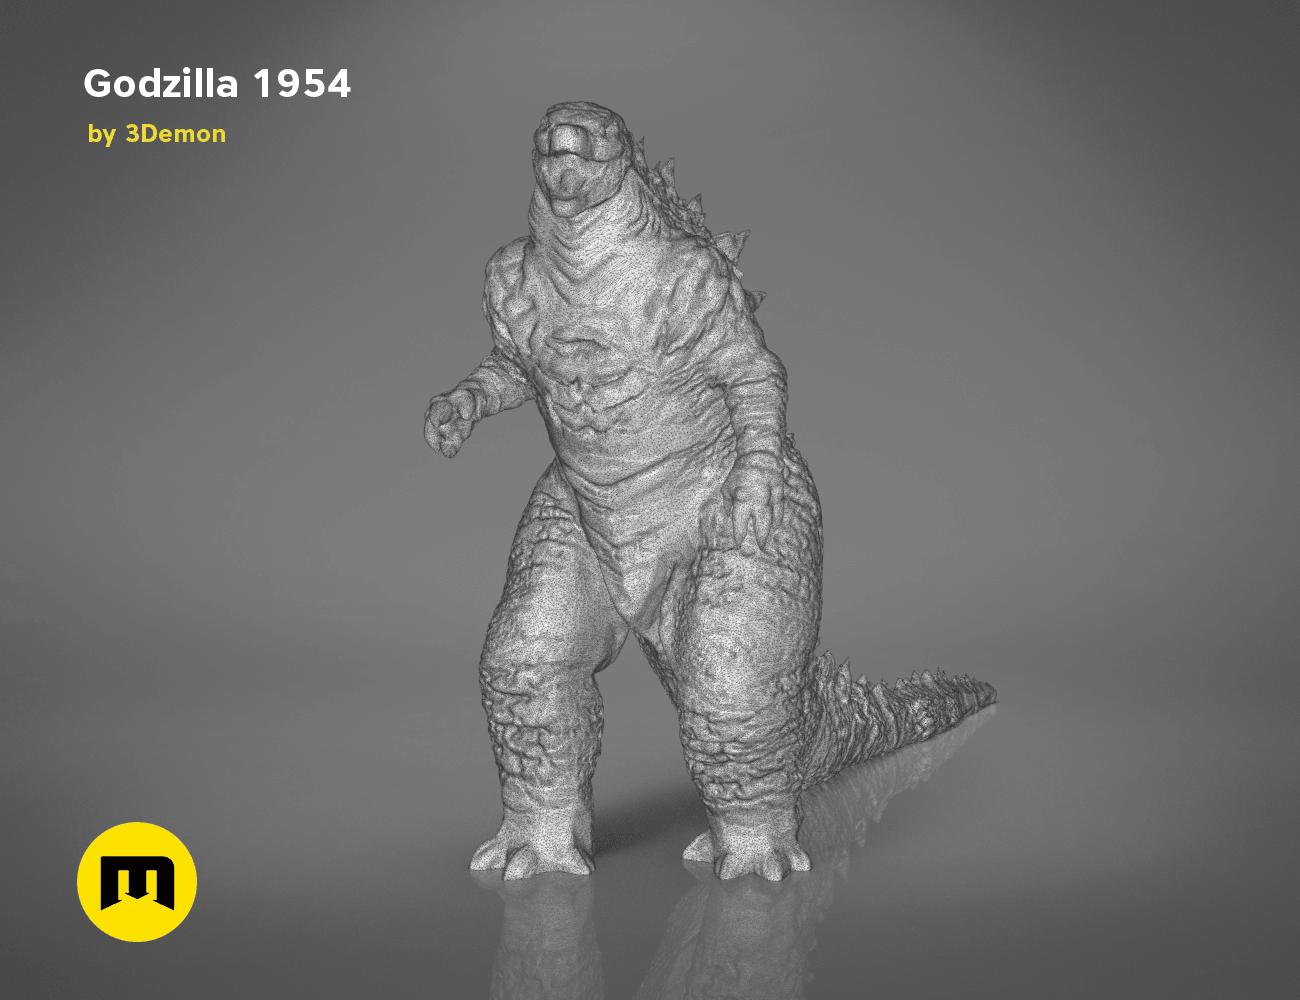 godzilla-black-japanese-main_render.204.png Télécharger fichier OBJ gratuit Godzilla 1954 figurine et ouvre-bouteille • Objet imprimable en 3D, 3D-mon